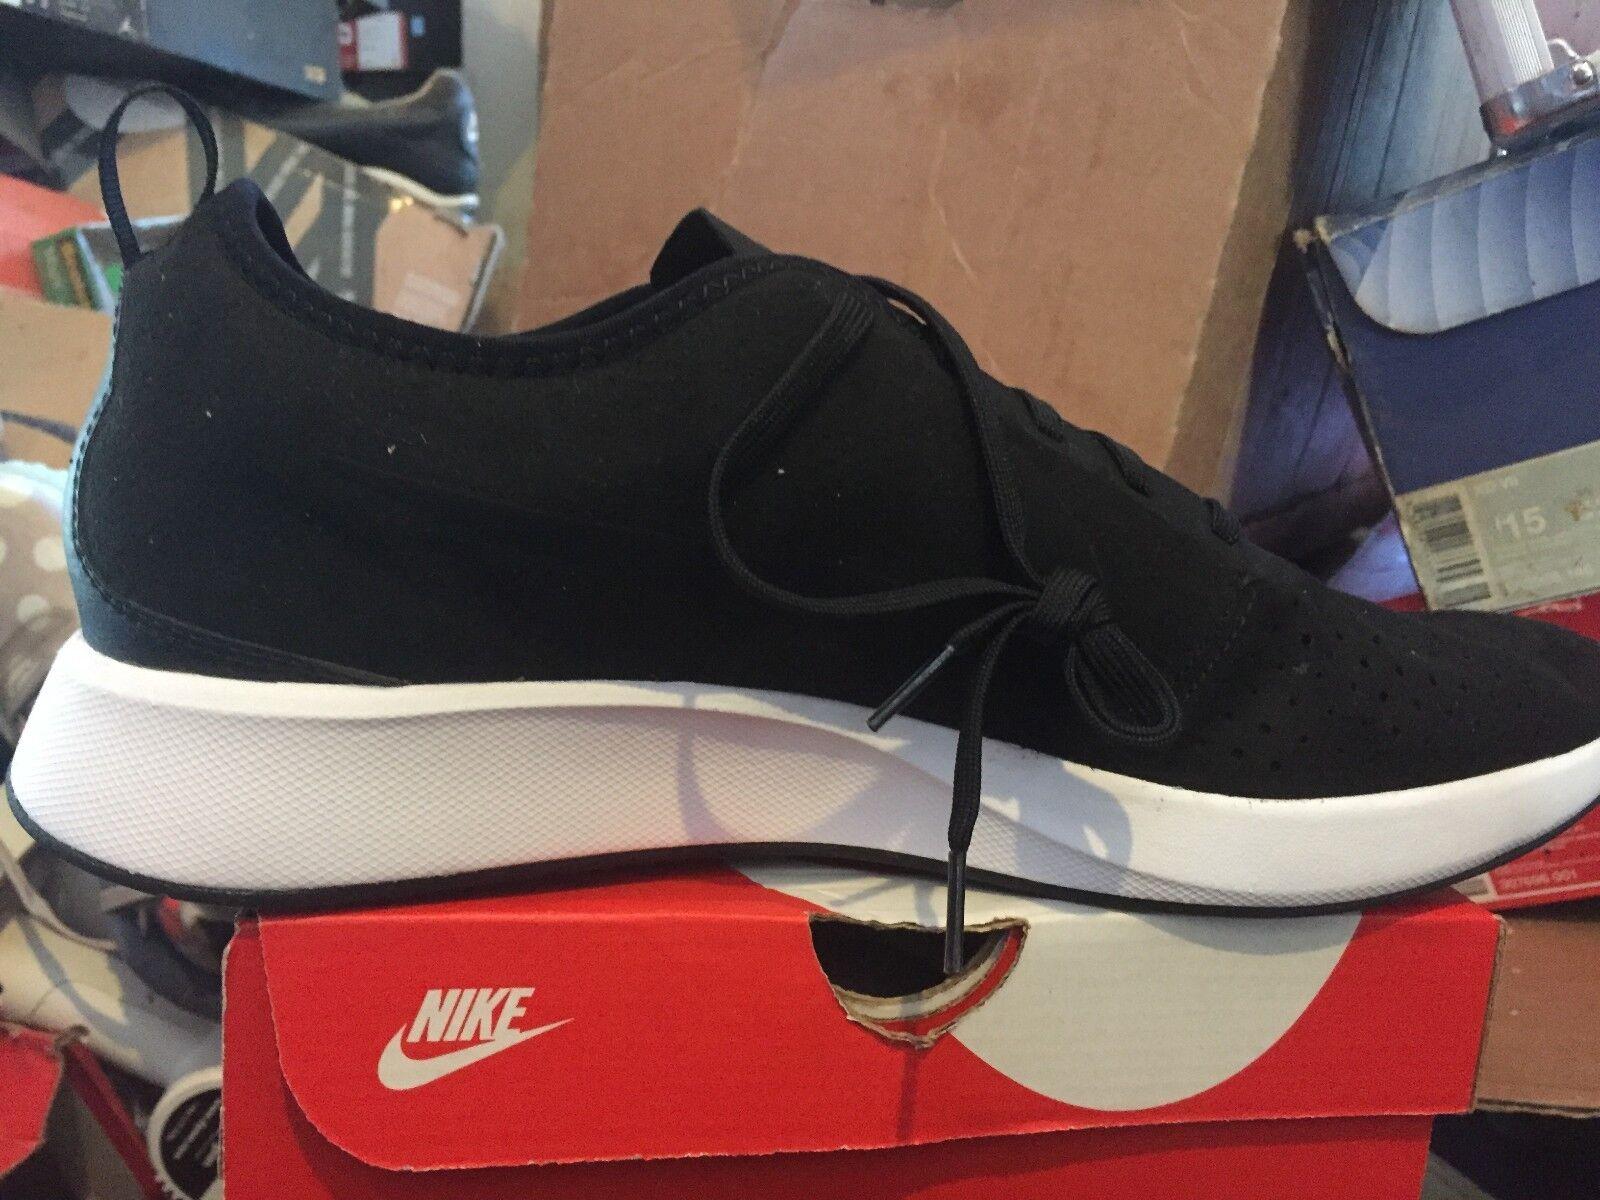 Nike dualtone racer sonodiventate bnib blk / blk / bianco numero 13 924448 002